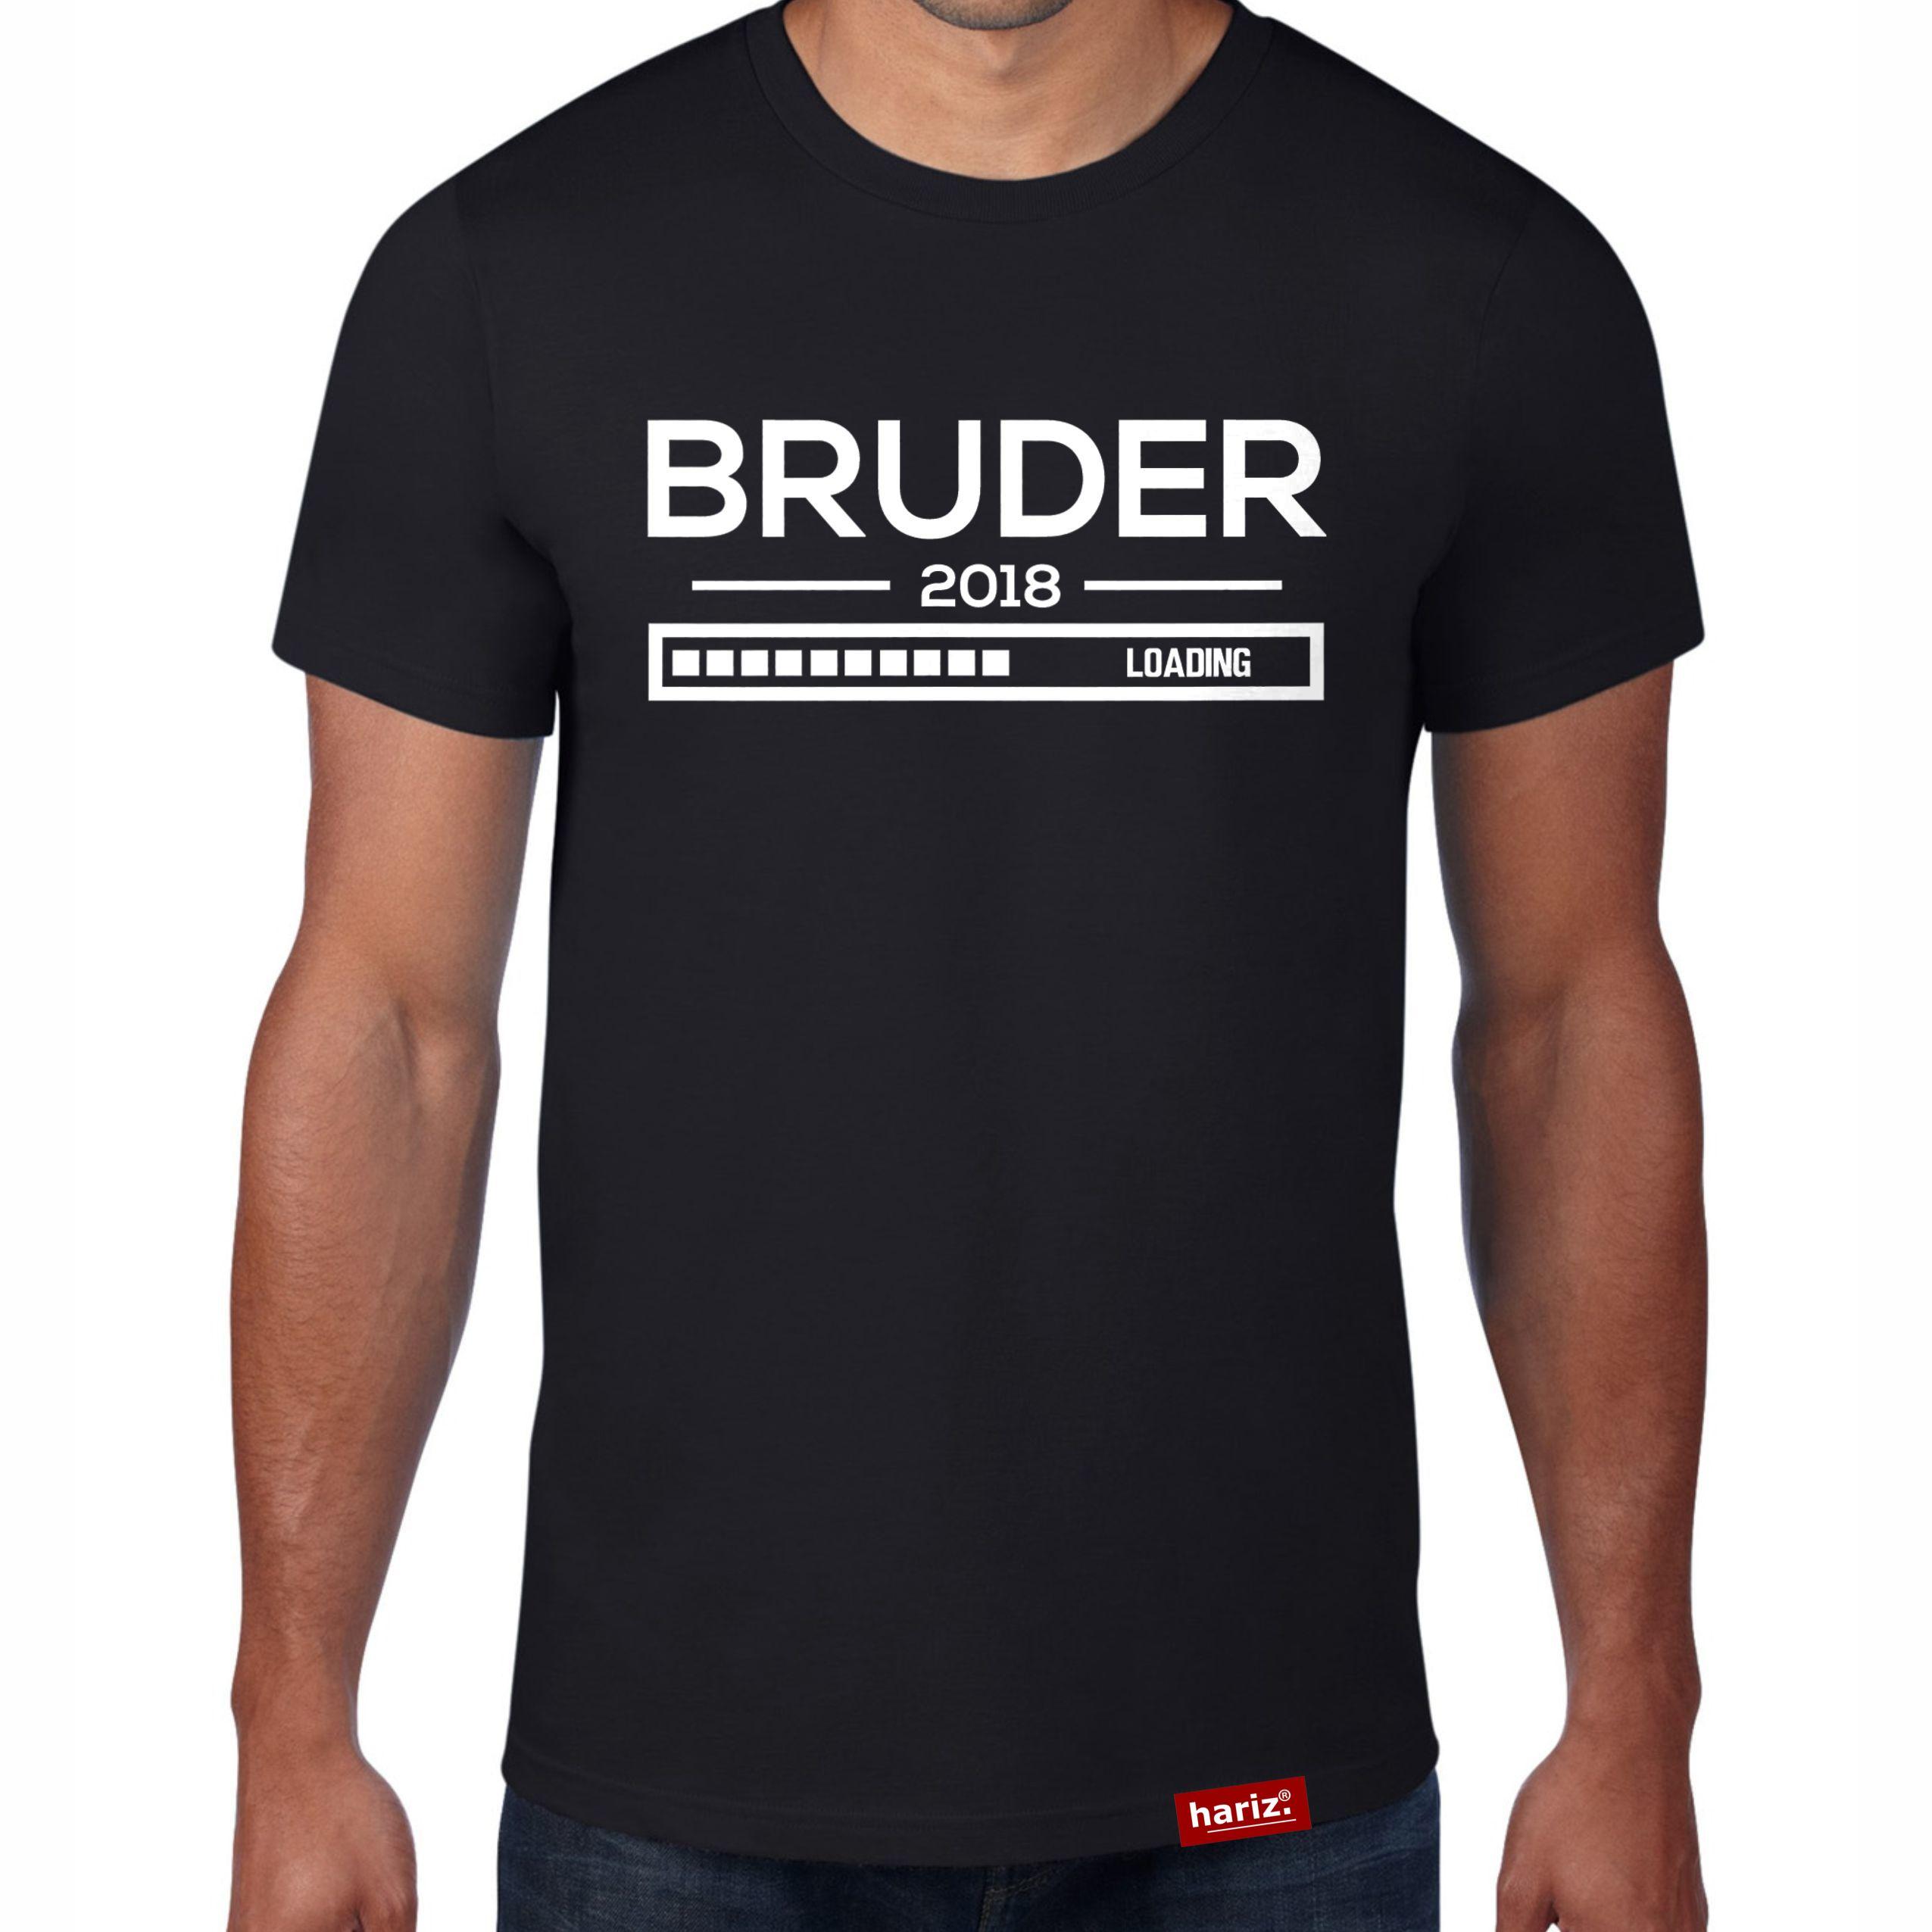 bruder 2018 loading original hariz t shirt. Black Bedroom Furniture Sets. Home Design Ideas